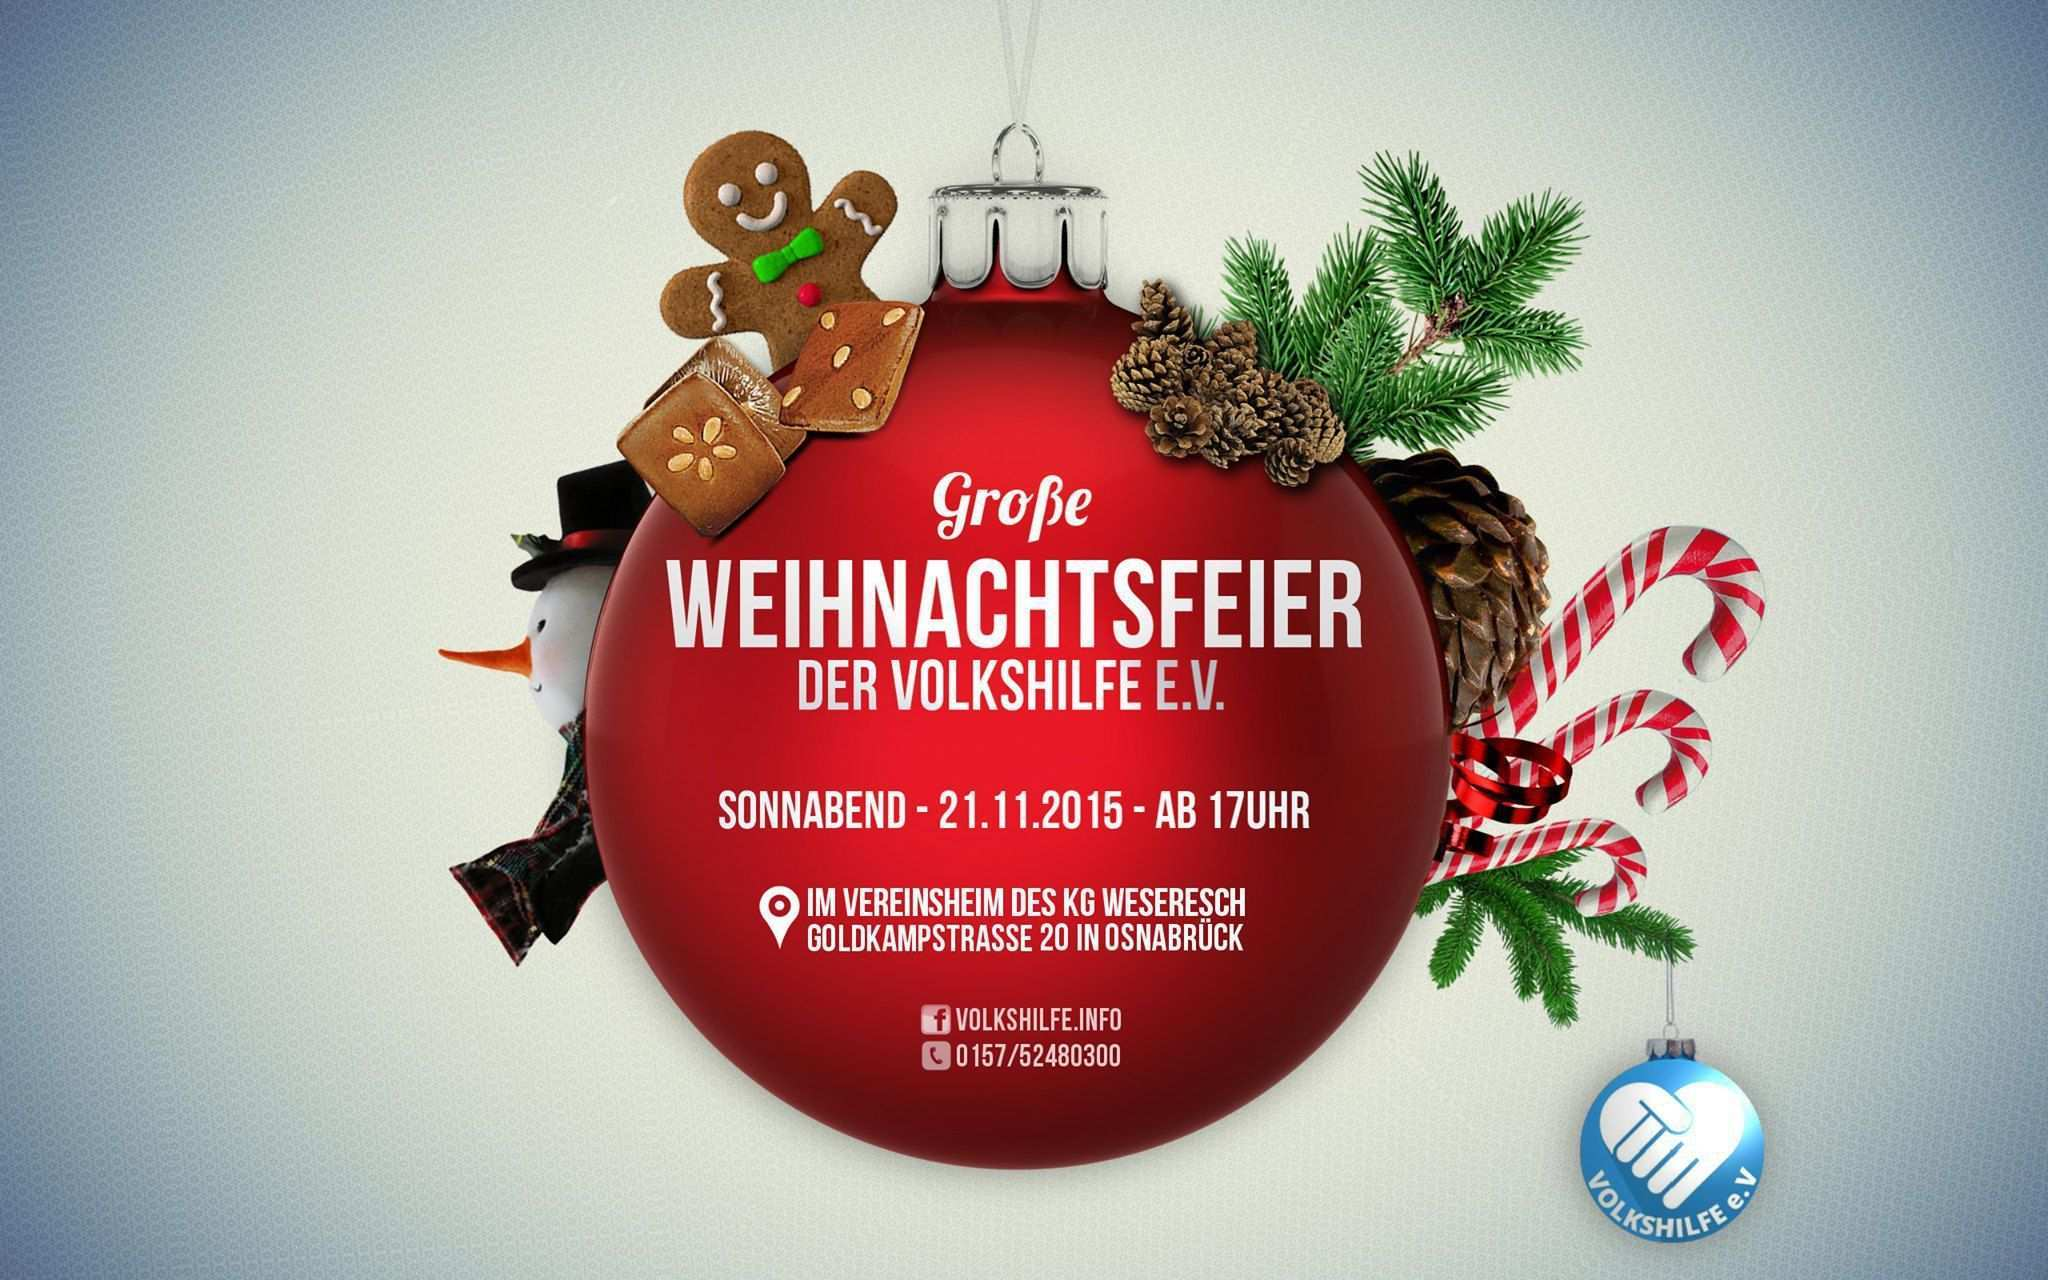 Einladung Weihnachtsfeier Vorlage Firma Einladung Weihnachtsfeier Weihnachtsfeier Familie Weihnachtsfeier